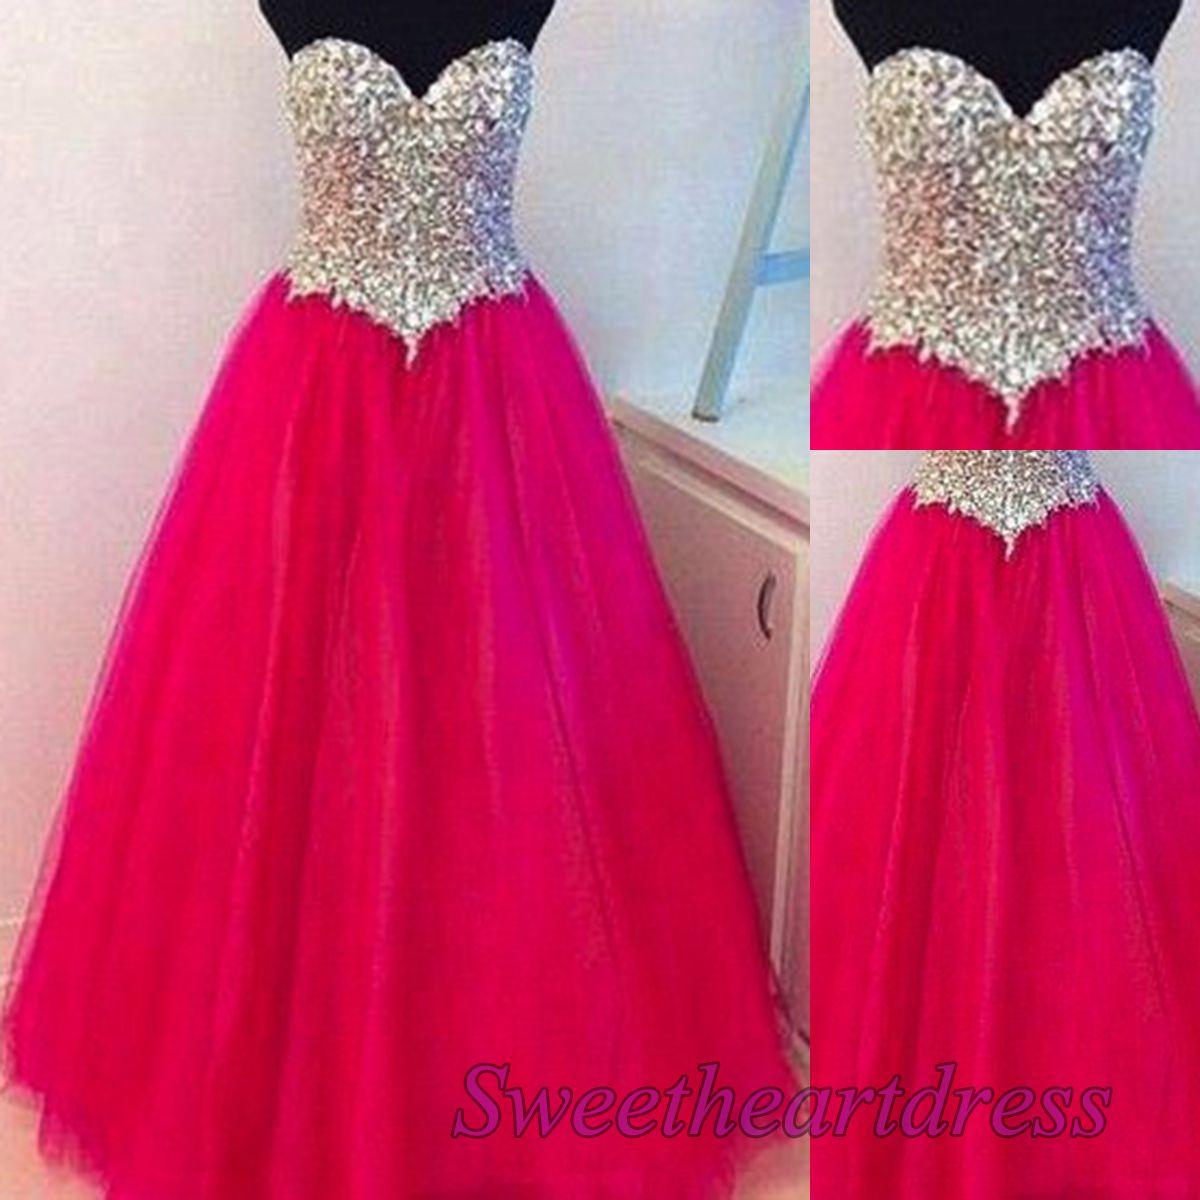 Pin de Judygail en Dresses | Pinterest | Vestidos bonitos, 15 años y ...